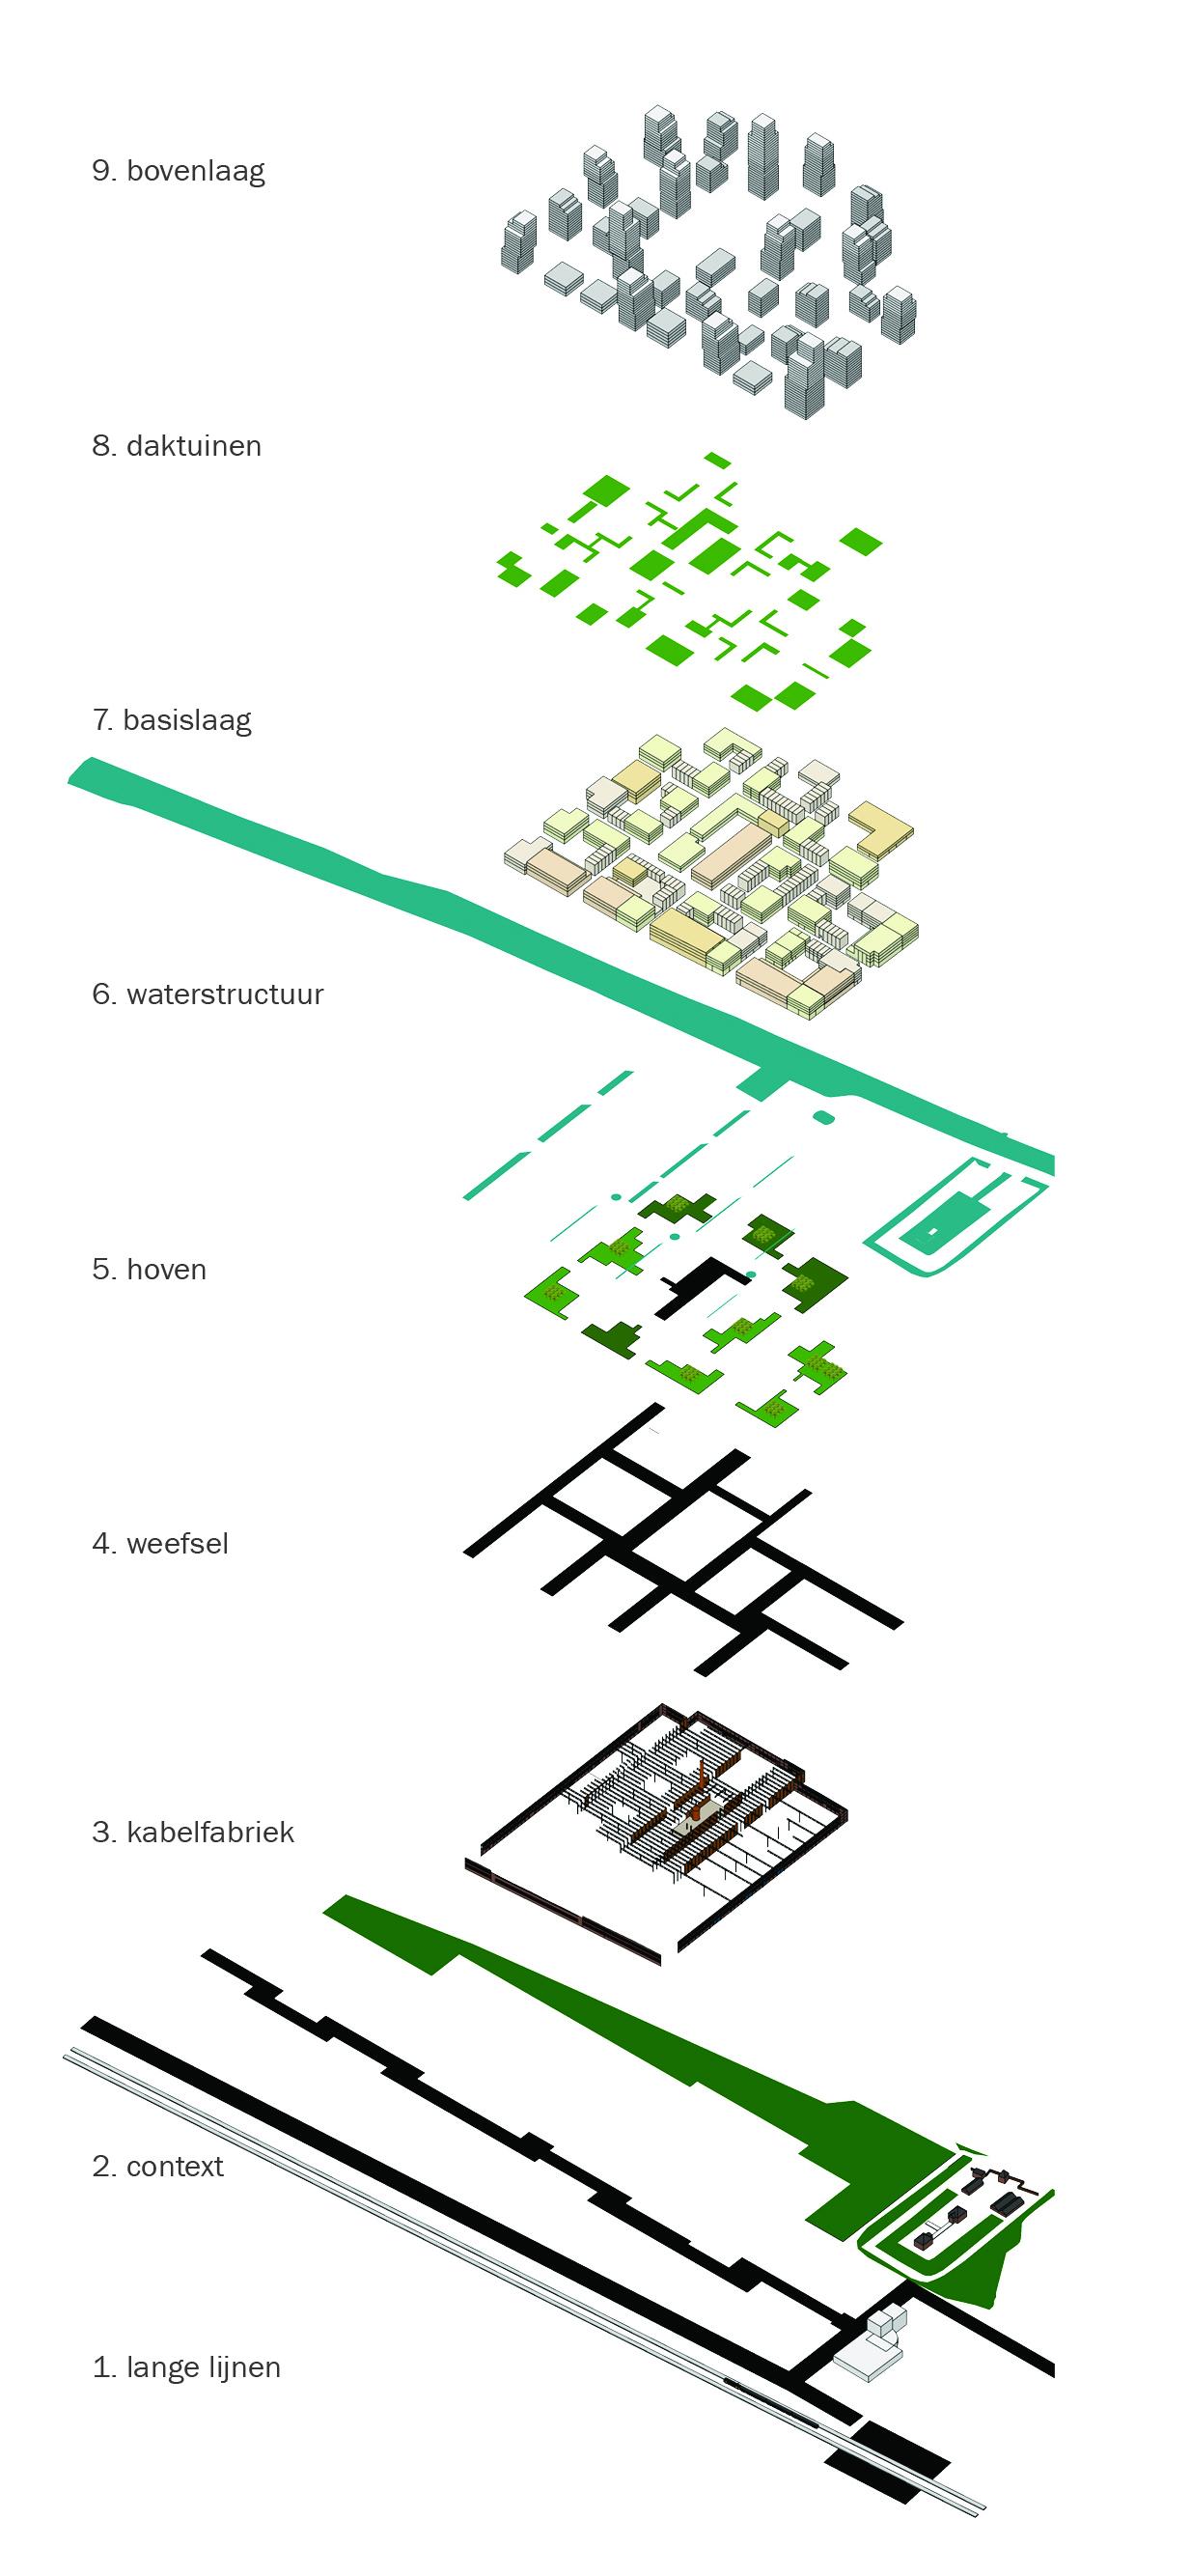 <p>Gestructureerd in 9 lagen</p>